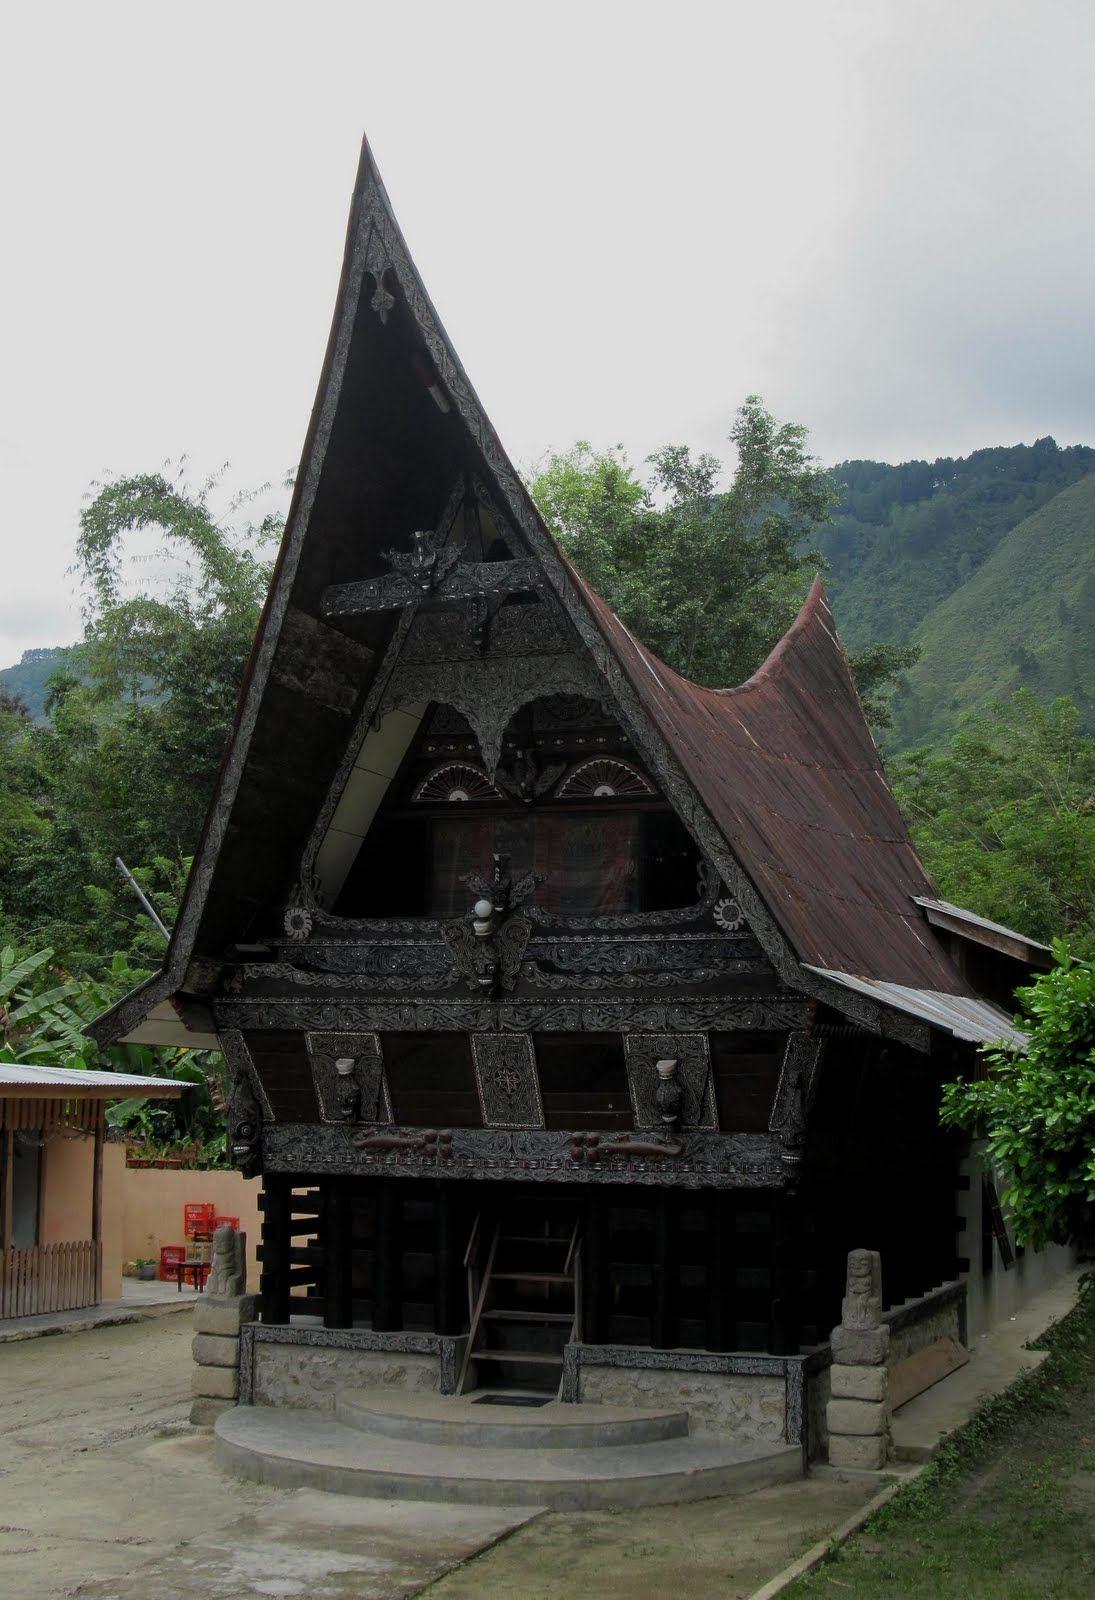 Rumah Adat Tradisonal